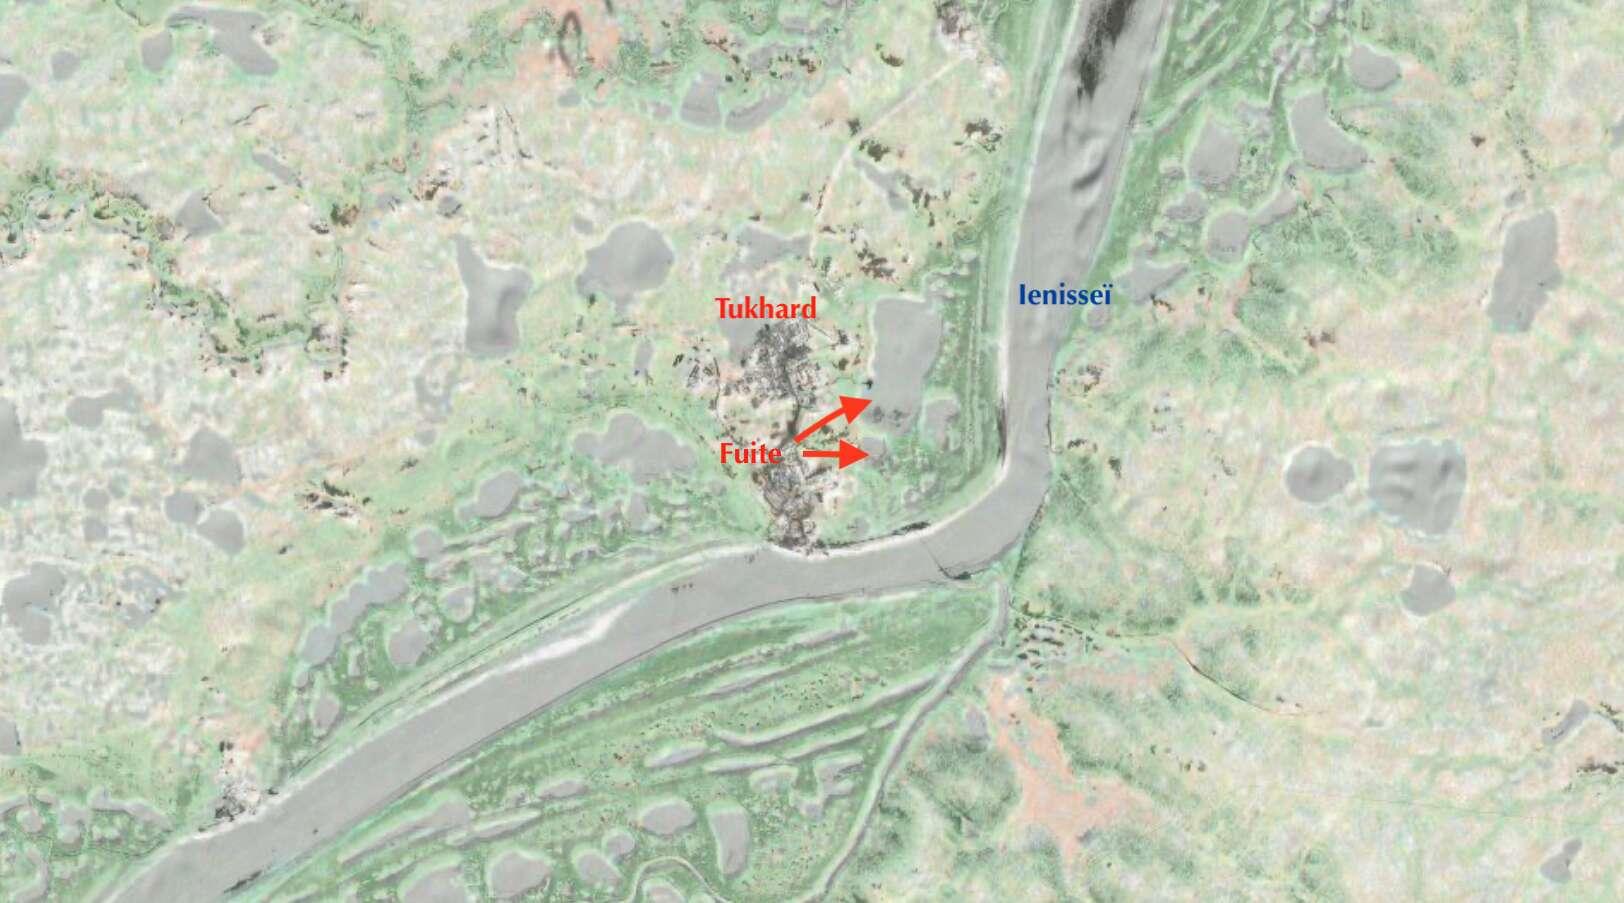 La fuite de pétrole du pipeline a entraîné la pollution de deux lacs reliés à la rivière Ienisseï. © C.D, Apple Plans